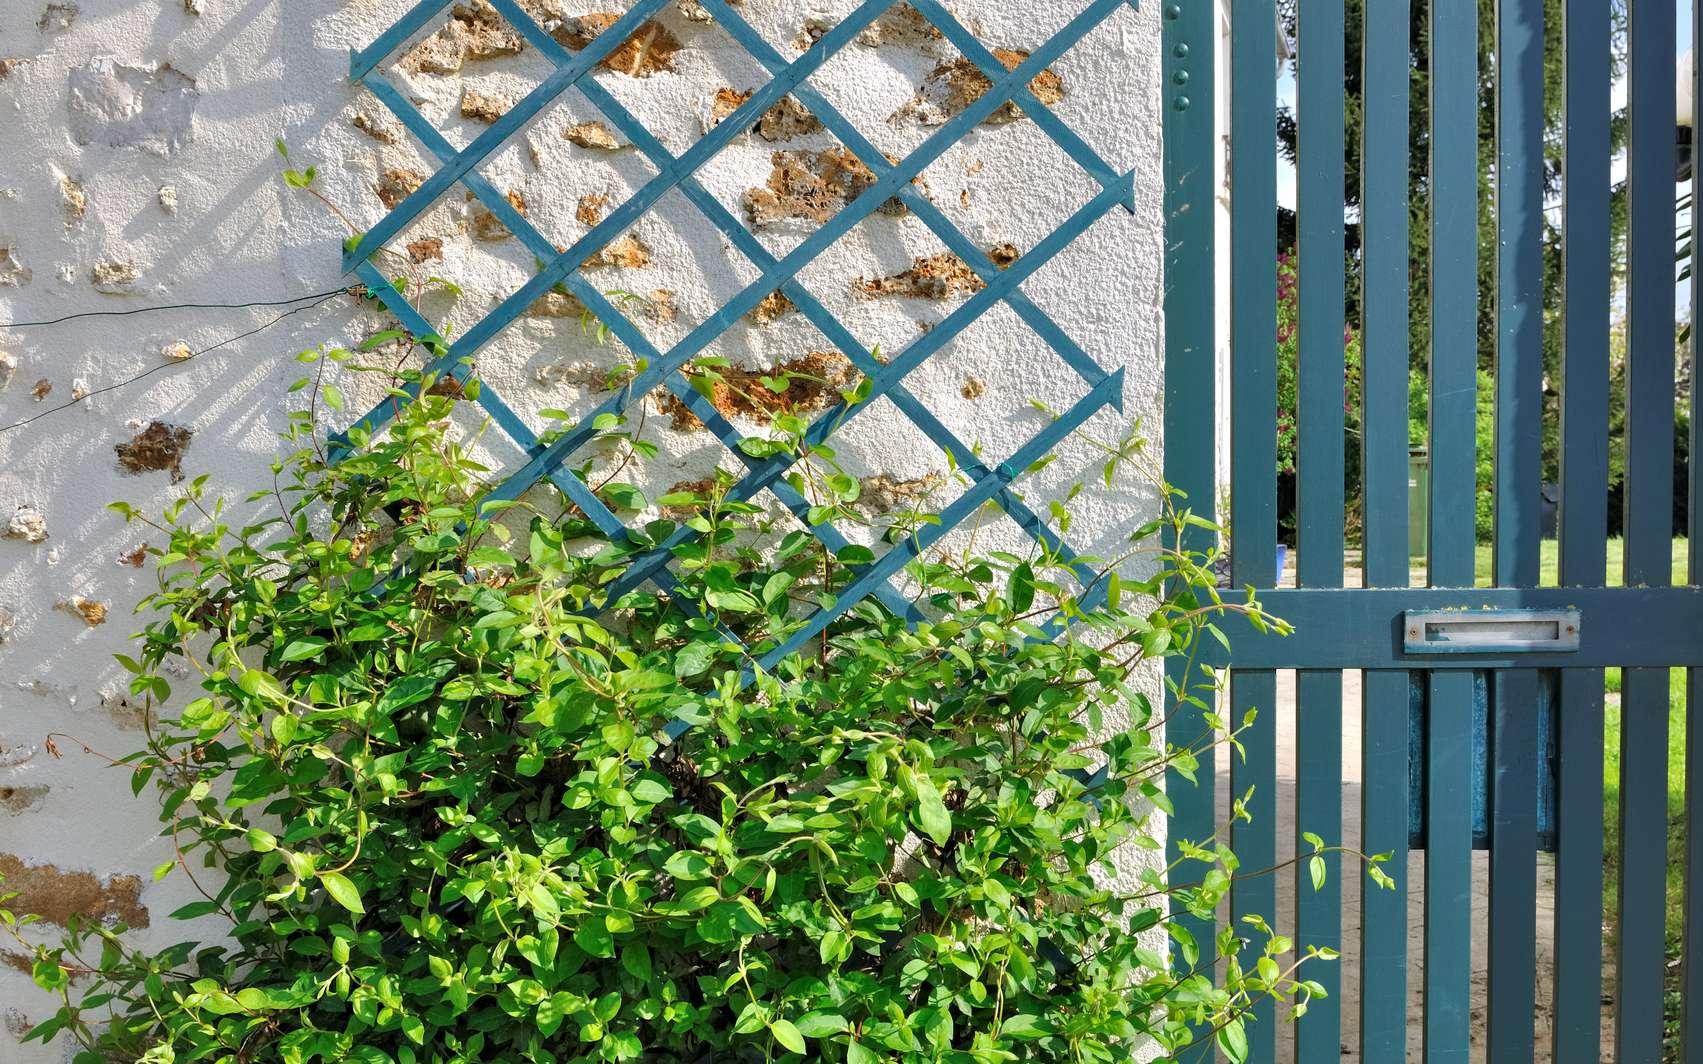 Comment installer un treillage dans un jardin ? Ici, du chèvrefeuille sur un treillage. © coco, Fotolia